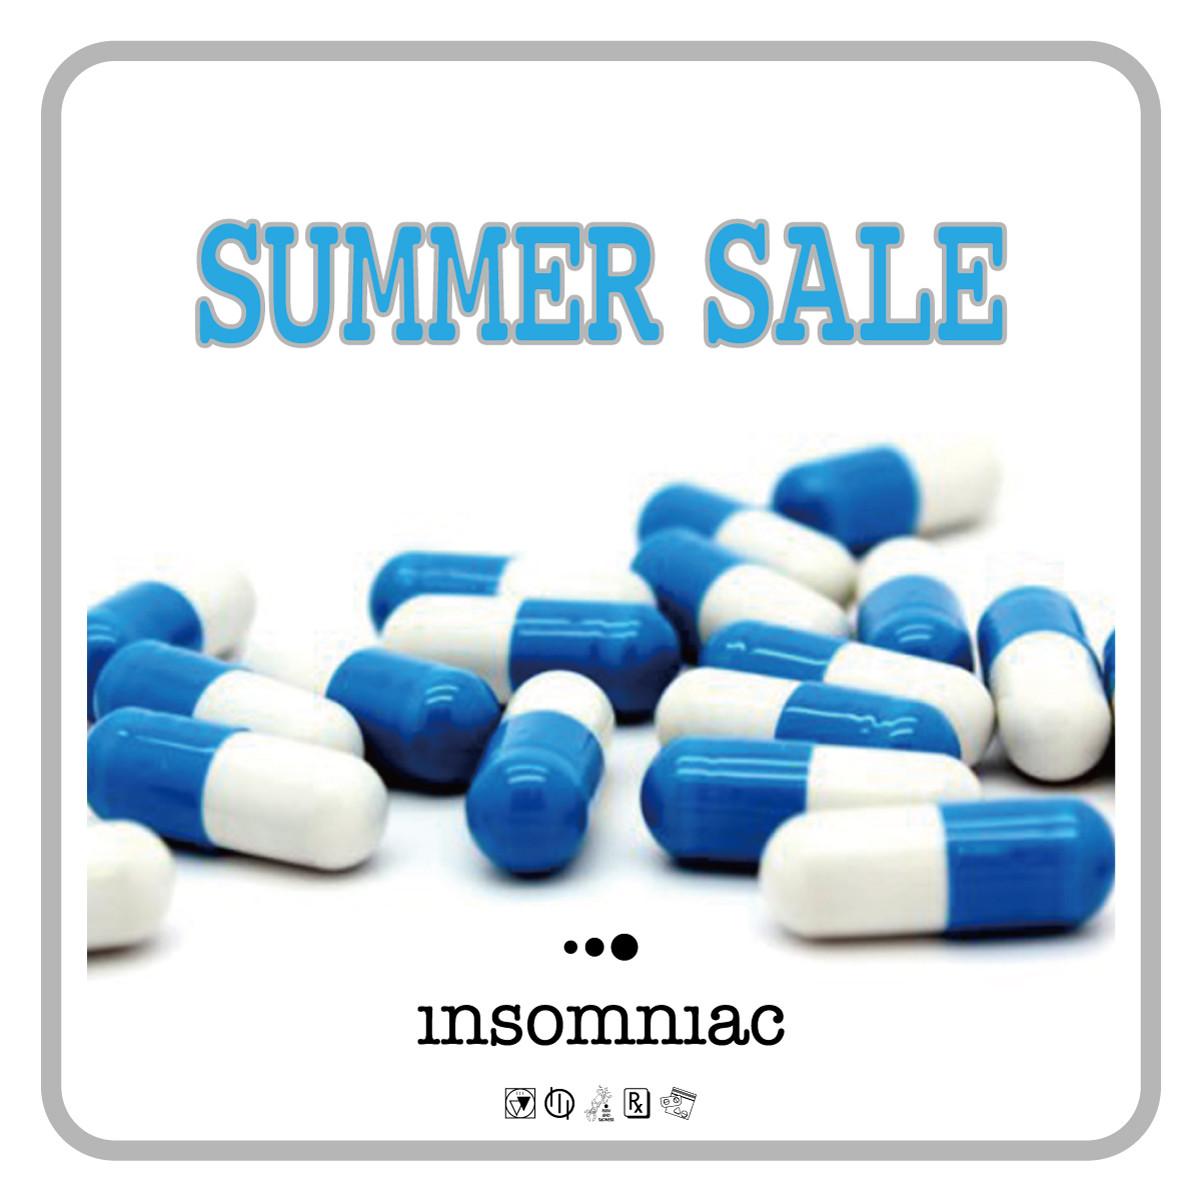 insomniac summer sale